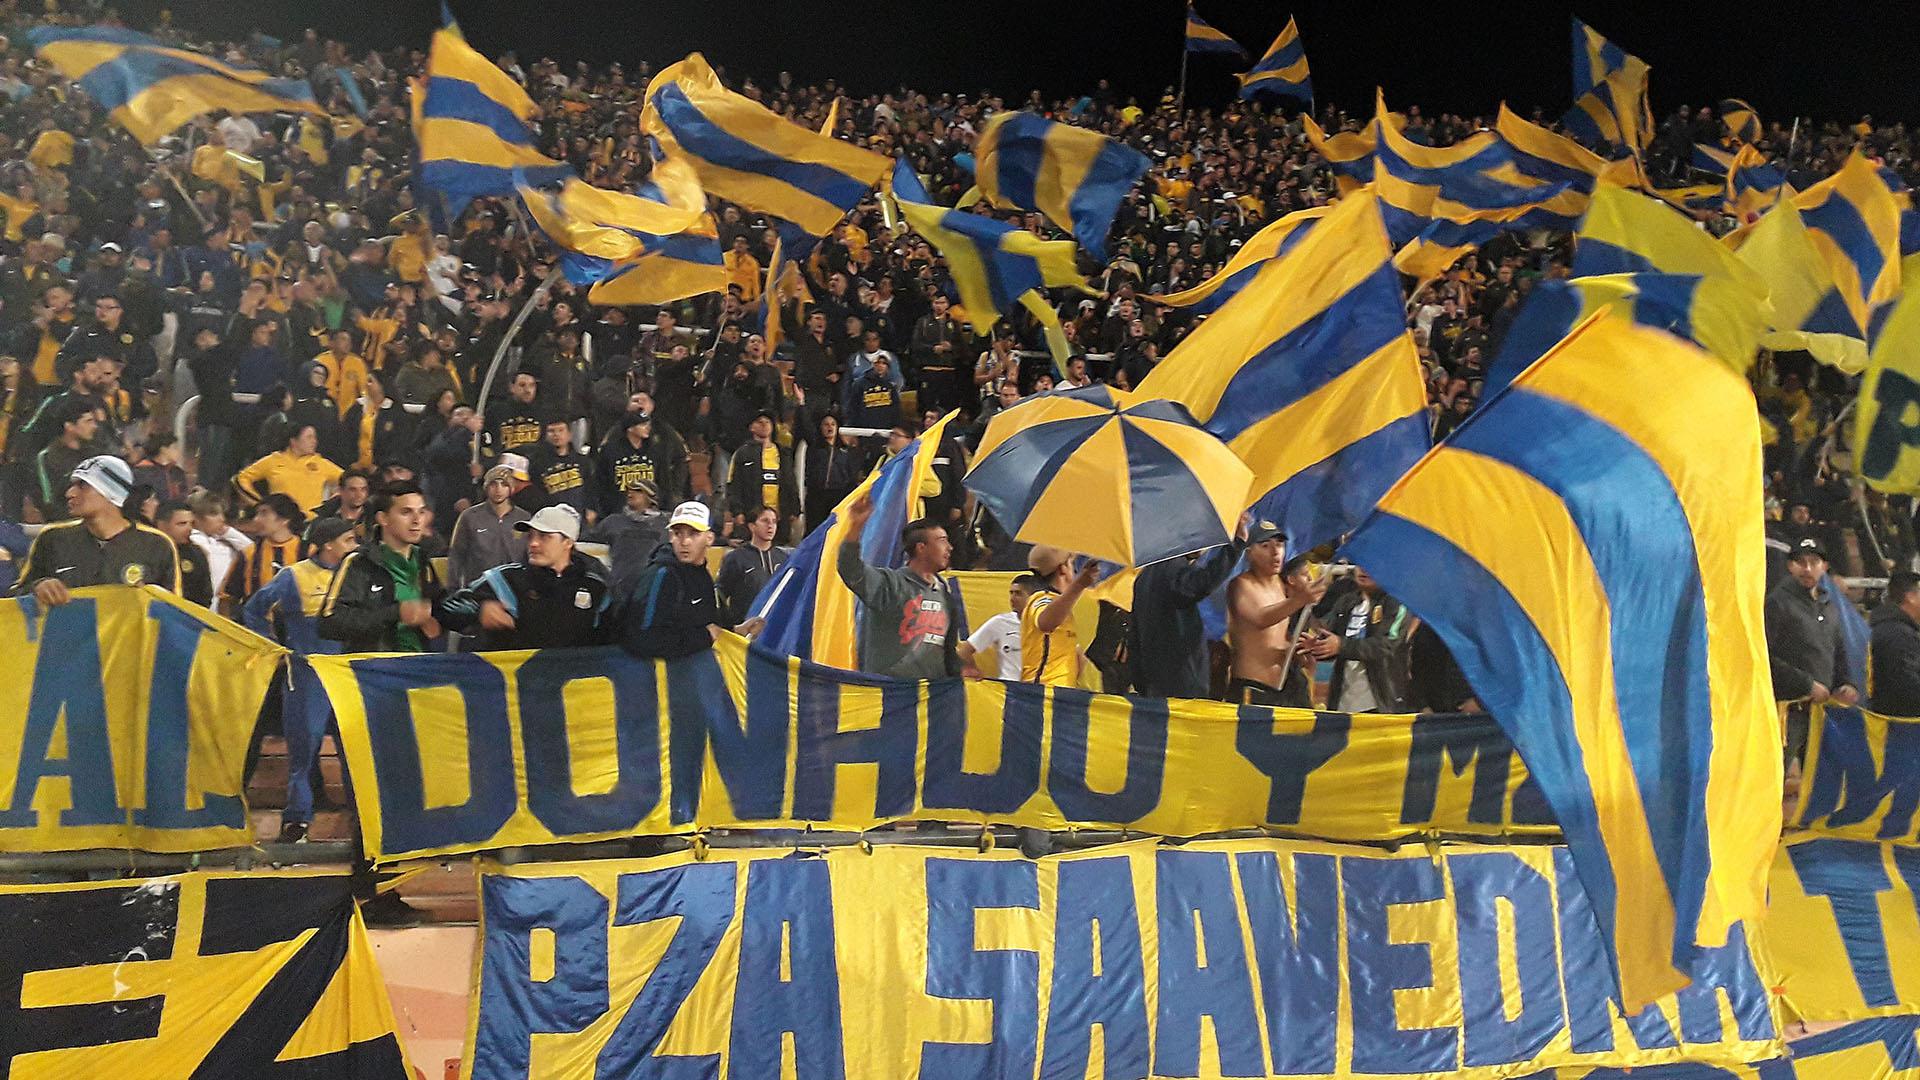 Simpatizantes de Bocafestejan un nuevo título del Xeneize en Mendoza (FOTO NA: DELFO RODRIGUEZ)